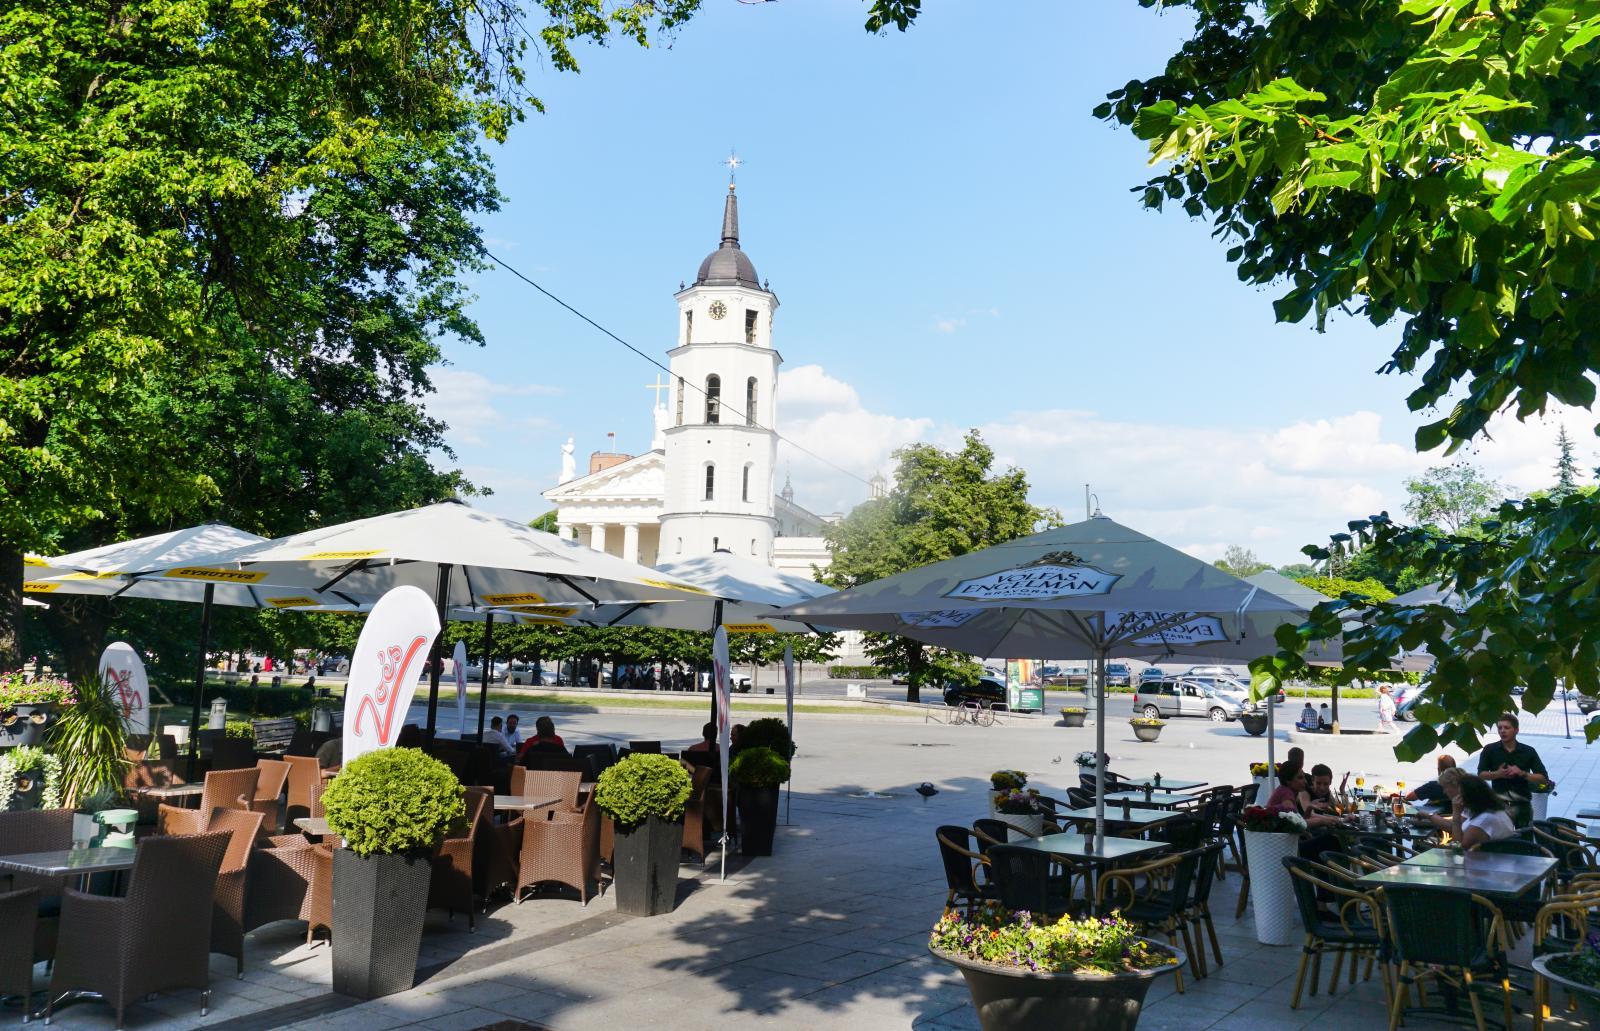 Gillar man uteserveringar så är Vilnius en utmärkt plats. Här finns massor av den varan och maten vi testade smakade utmärkt.